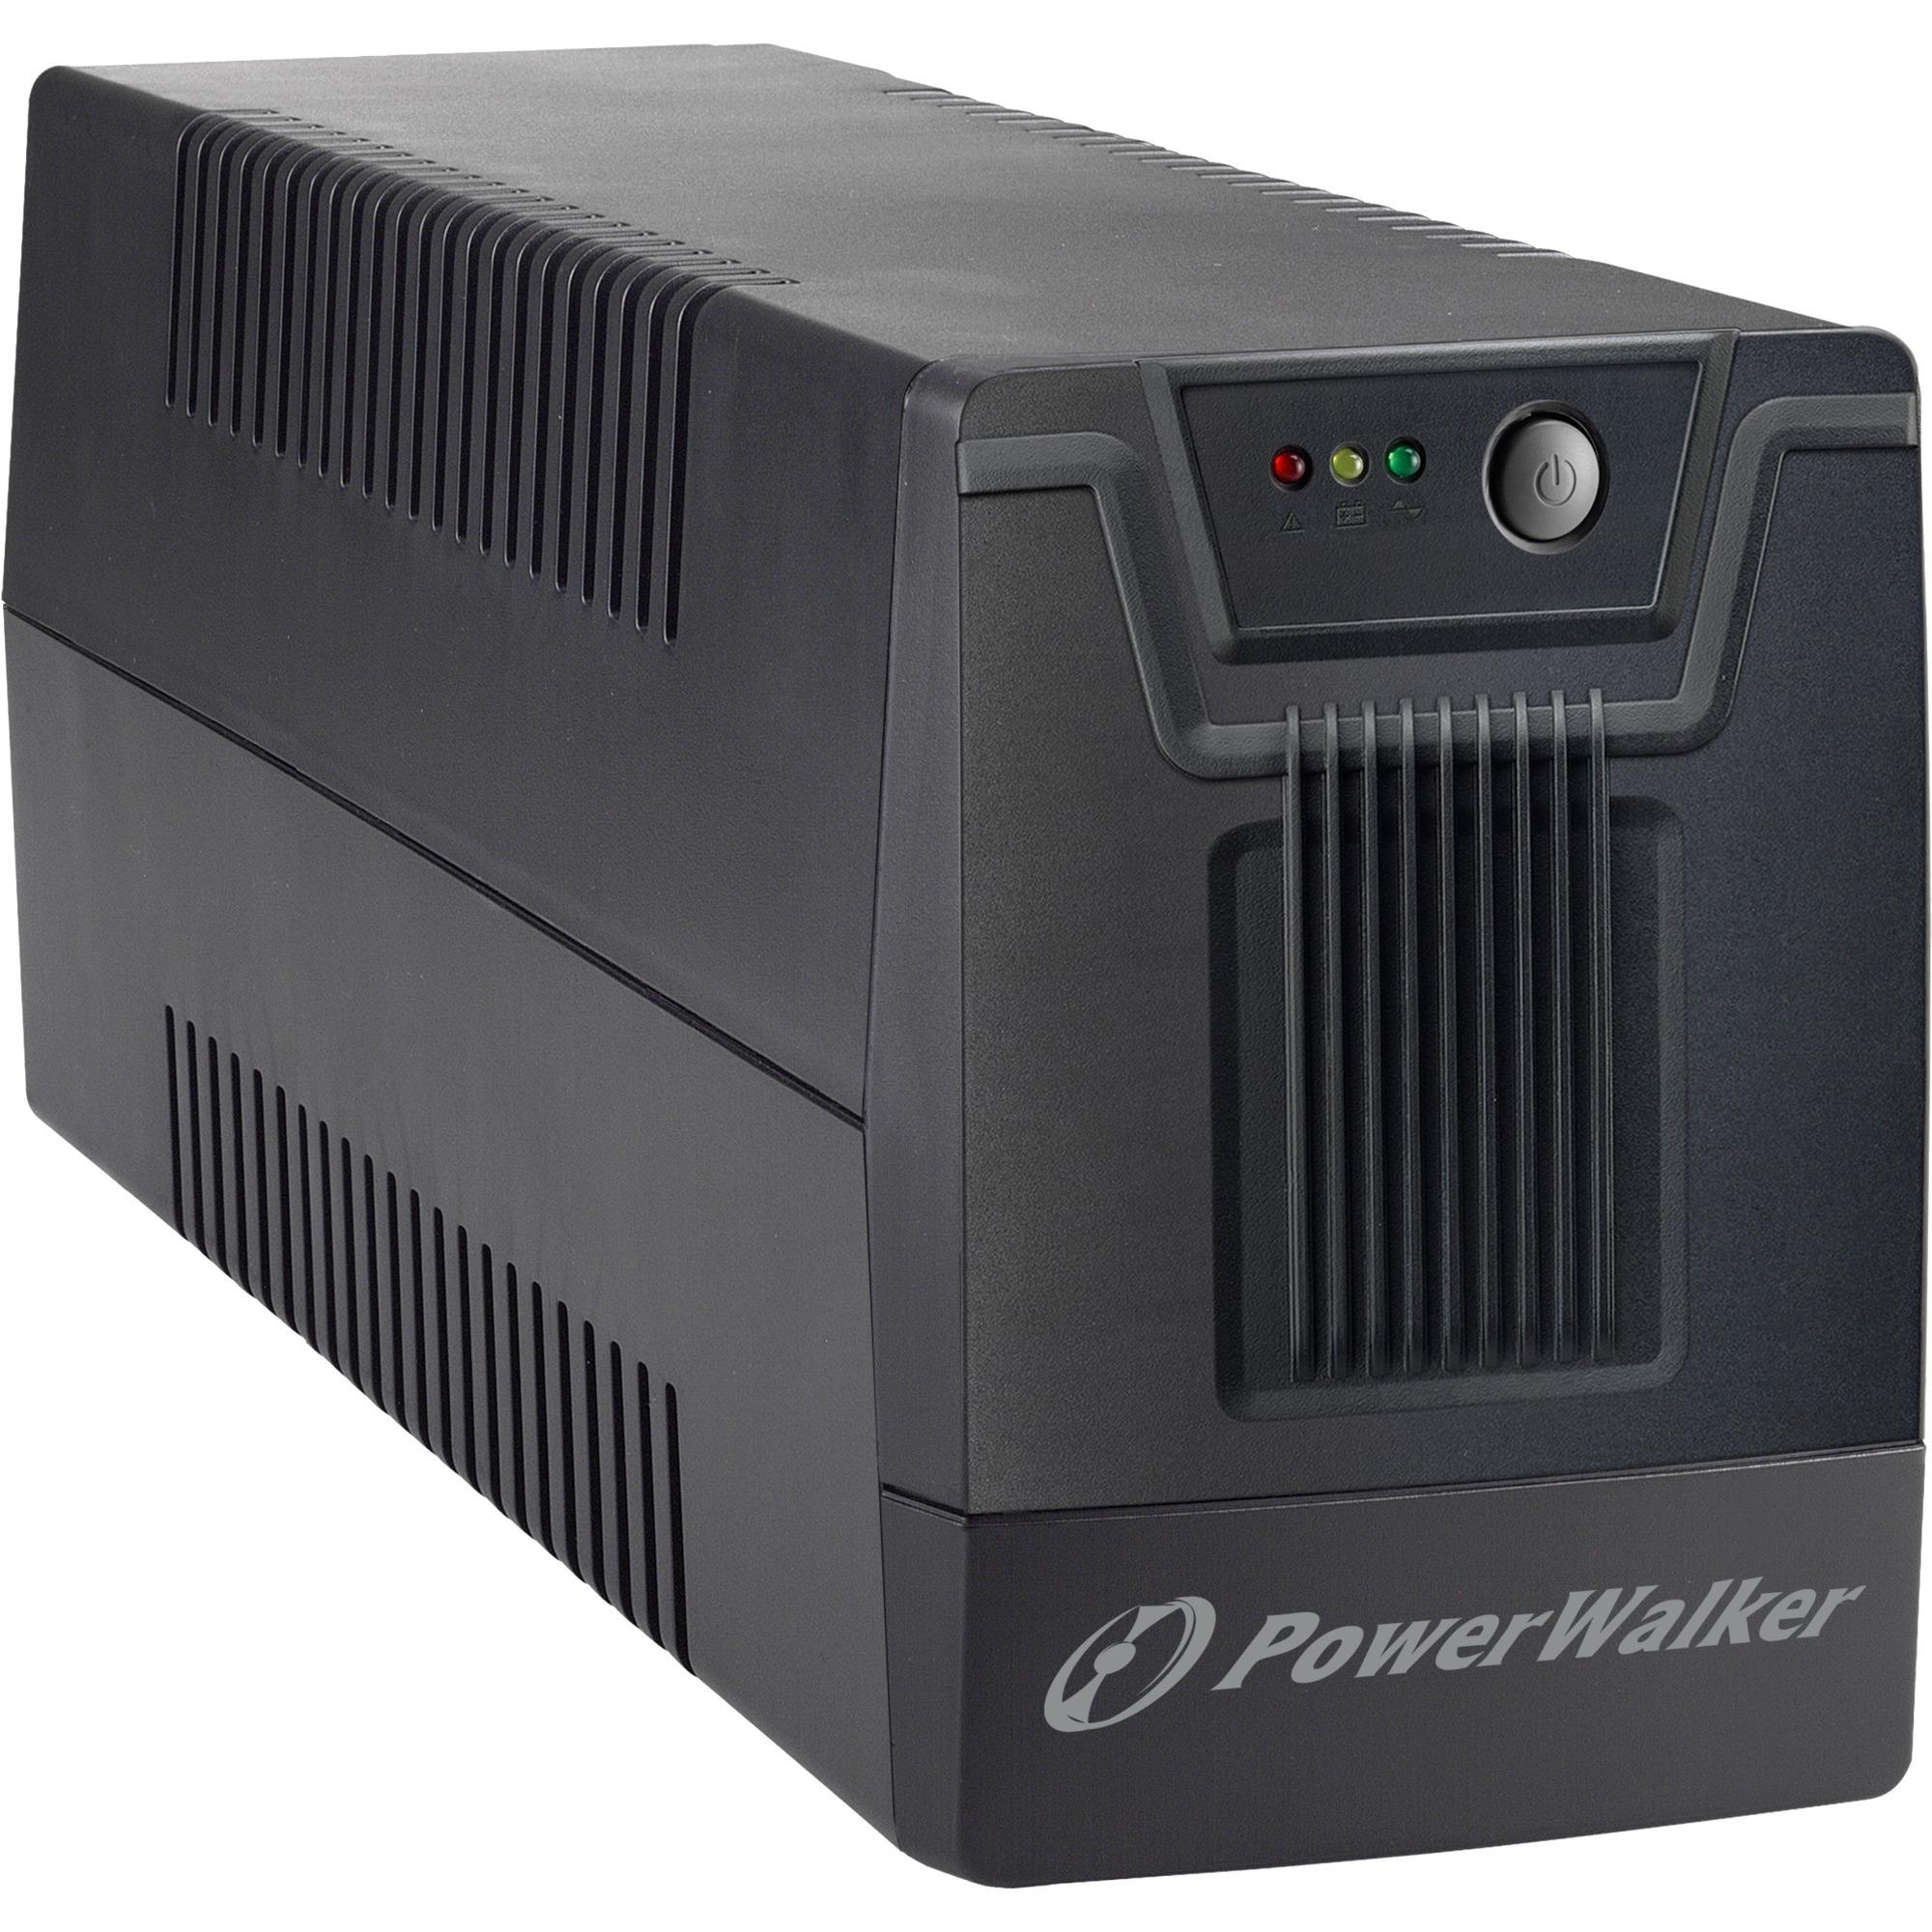 10121027 Línea interactiva 1500VA 4salidas AC sistema de alimentación ininterrumpida (UPS)